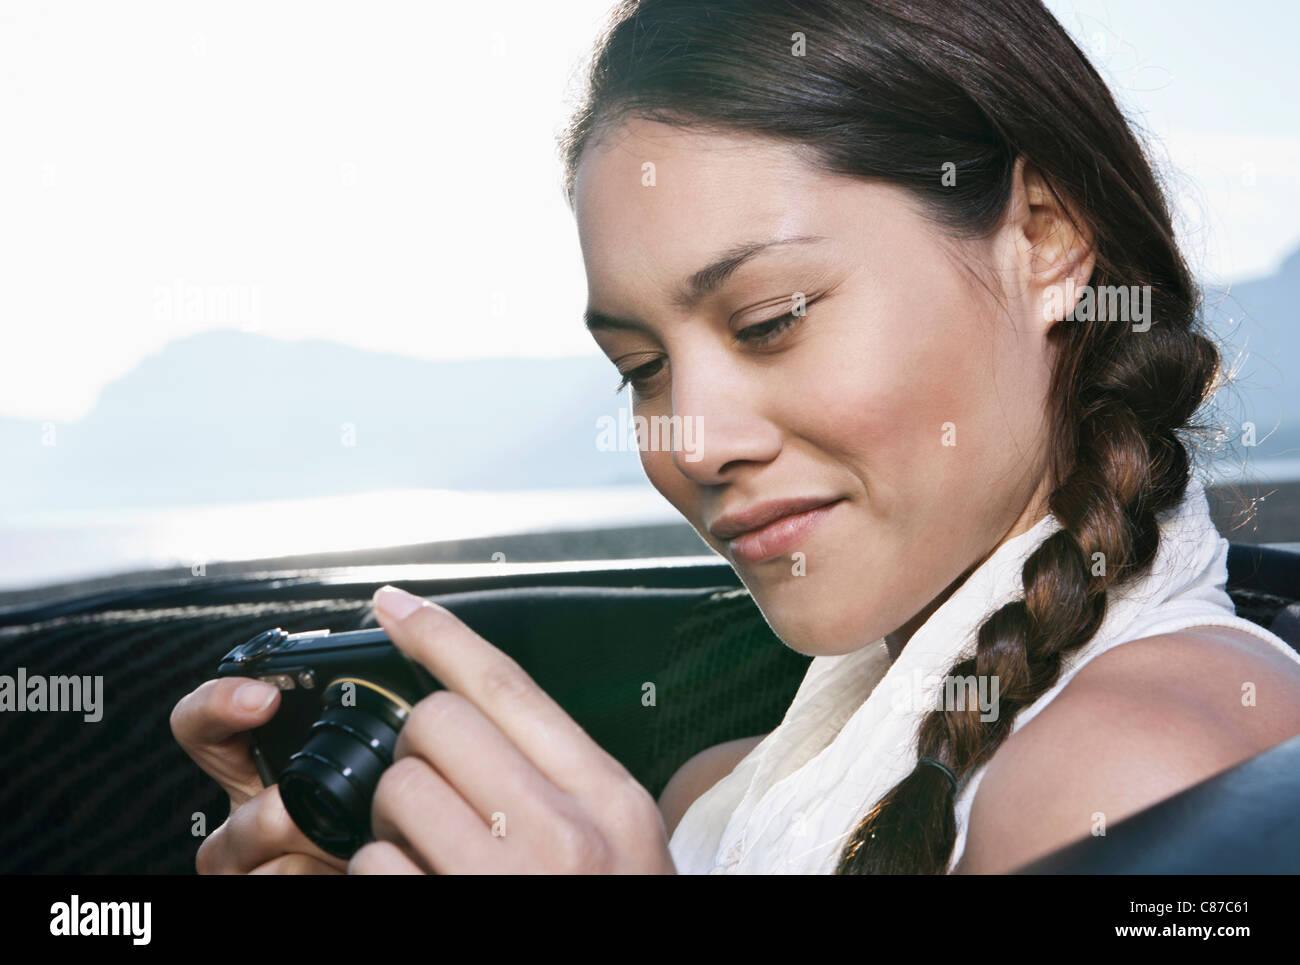 Spagna, Maiorca, giovane donna con telecamera in auto sedile posteriore, chiudere fino Immagini Stock